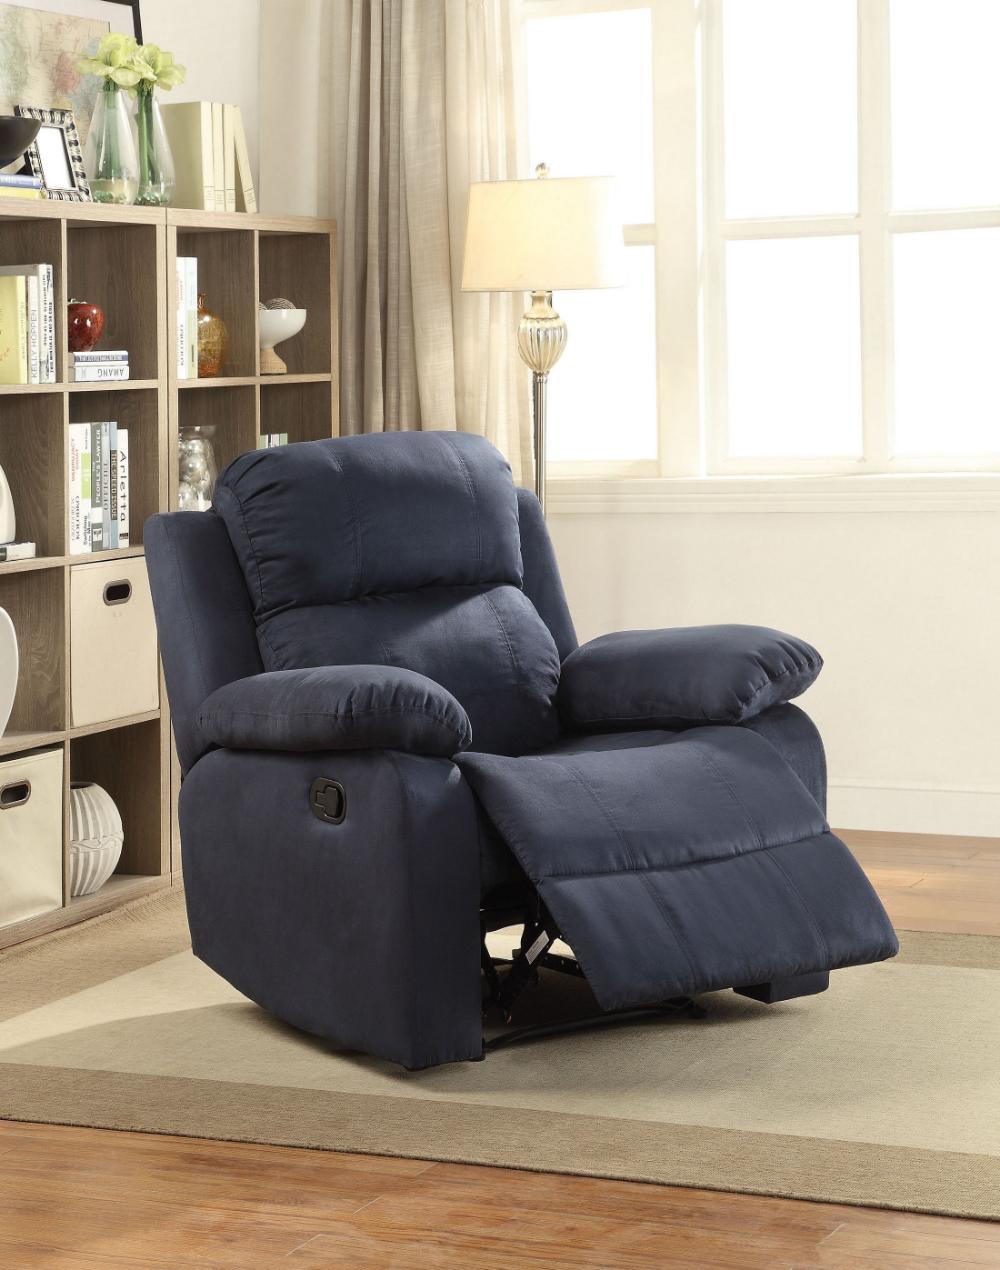 Parklon Blue Chair Single Sofa Chair Swing Chair Bedroom Recliner Chair